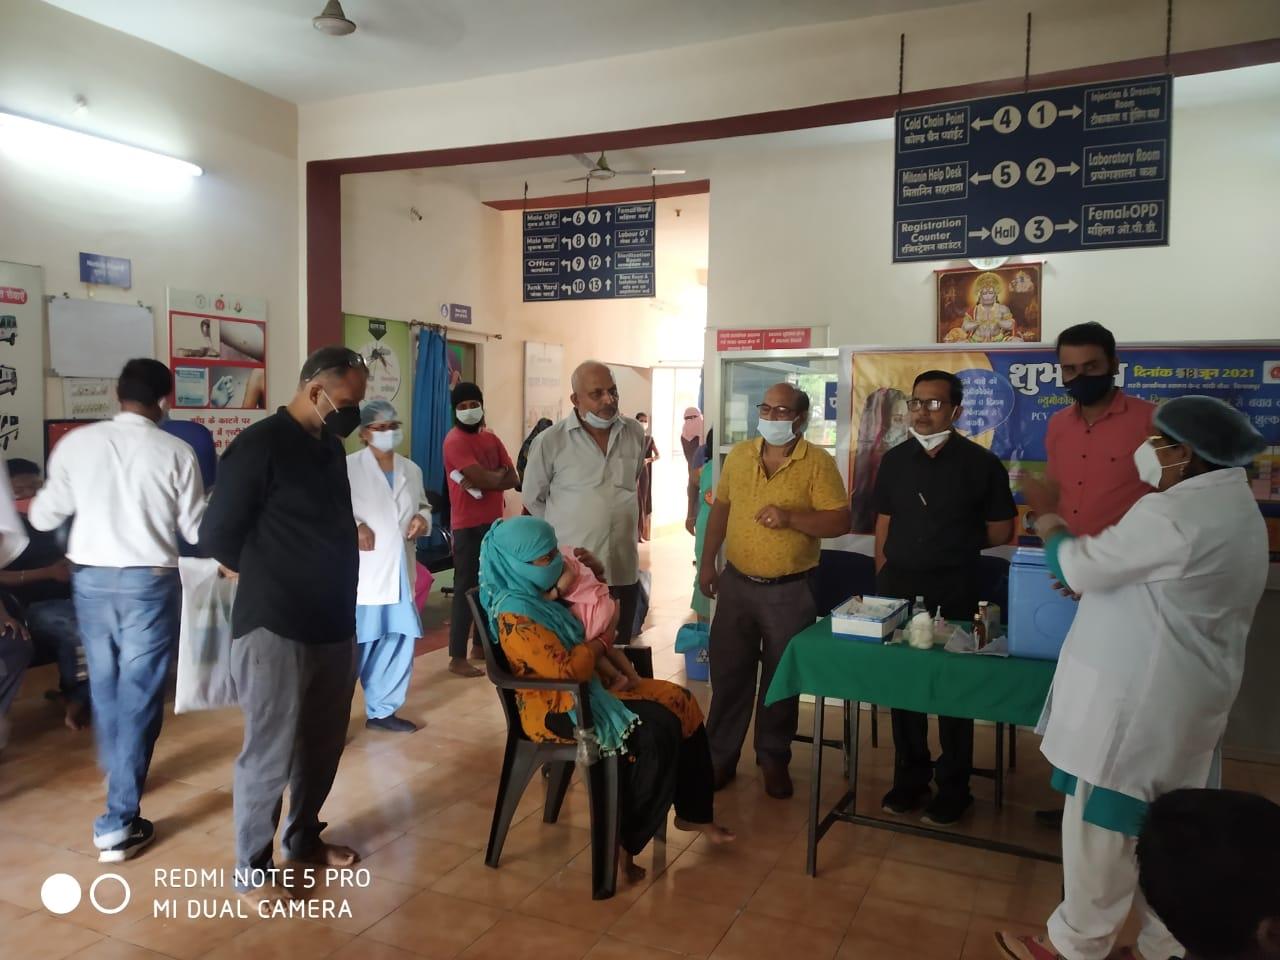 Bilaspur News: नवजात बच्चों को निमोनिया से सुरक्षा देने शुरू हुआ पीसीवी टीकाकरण